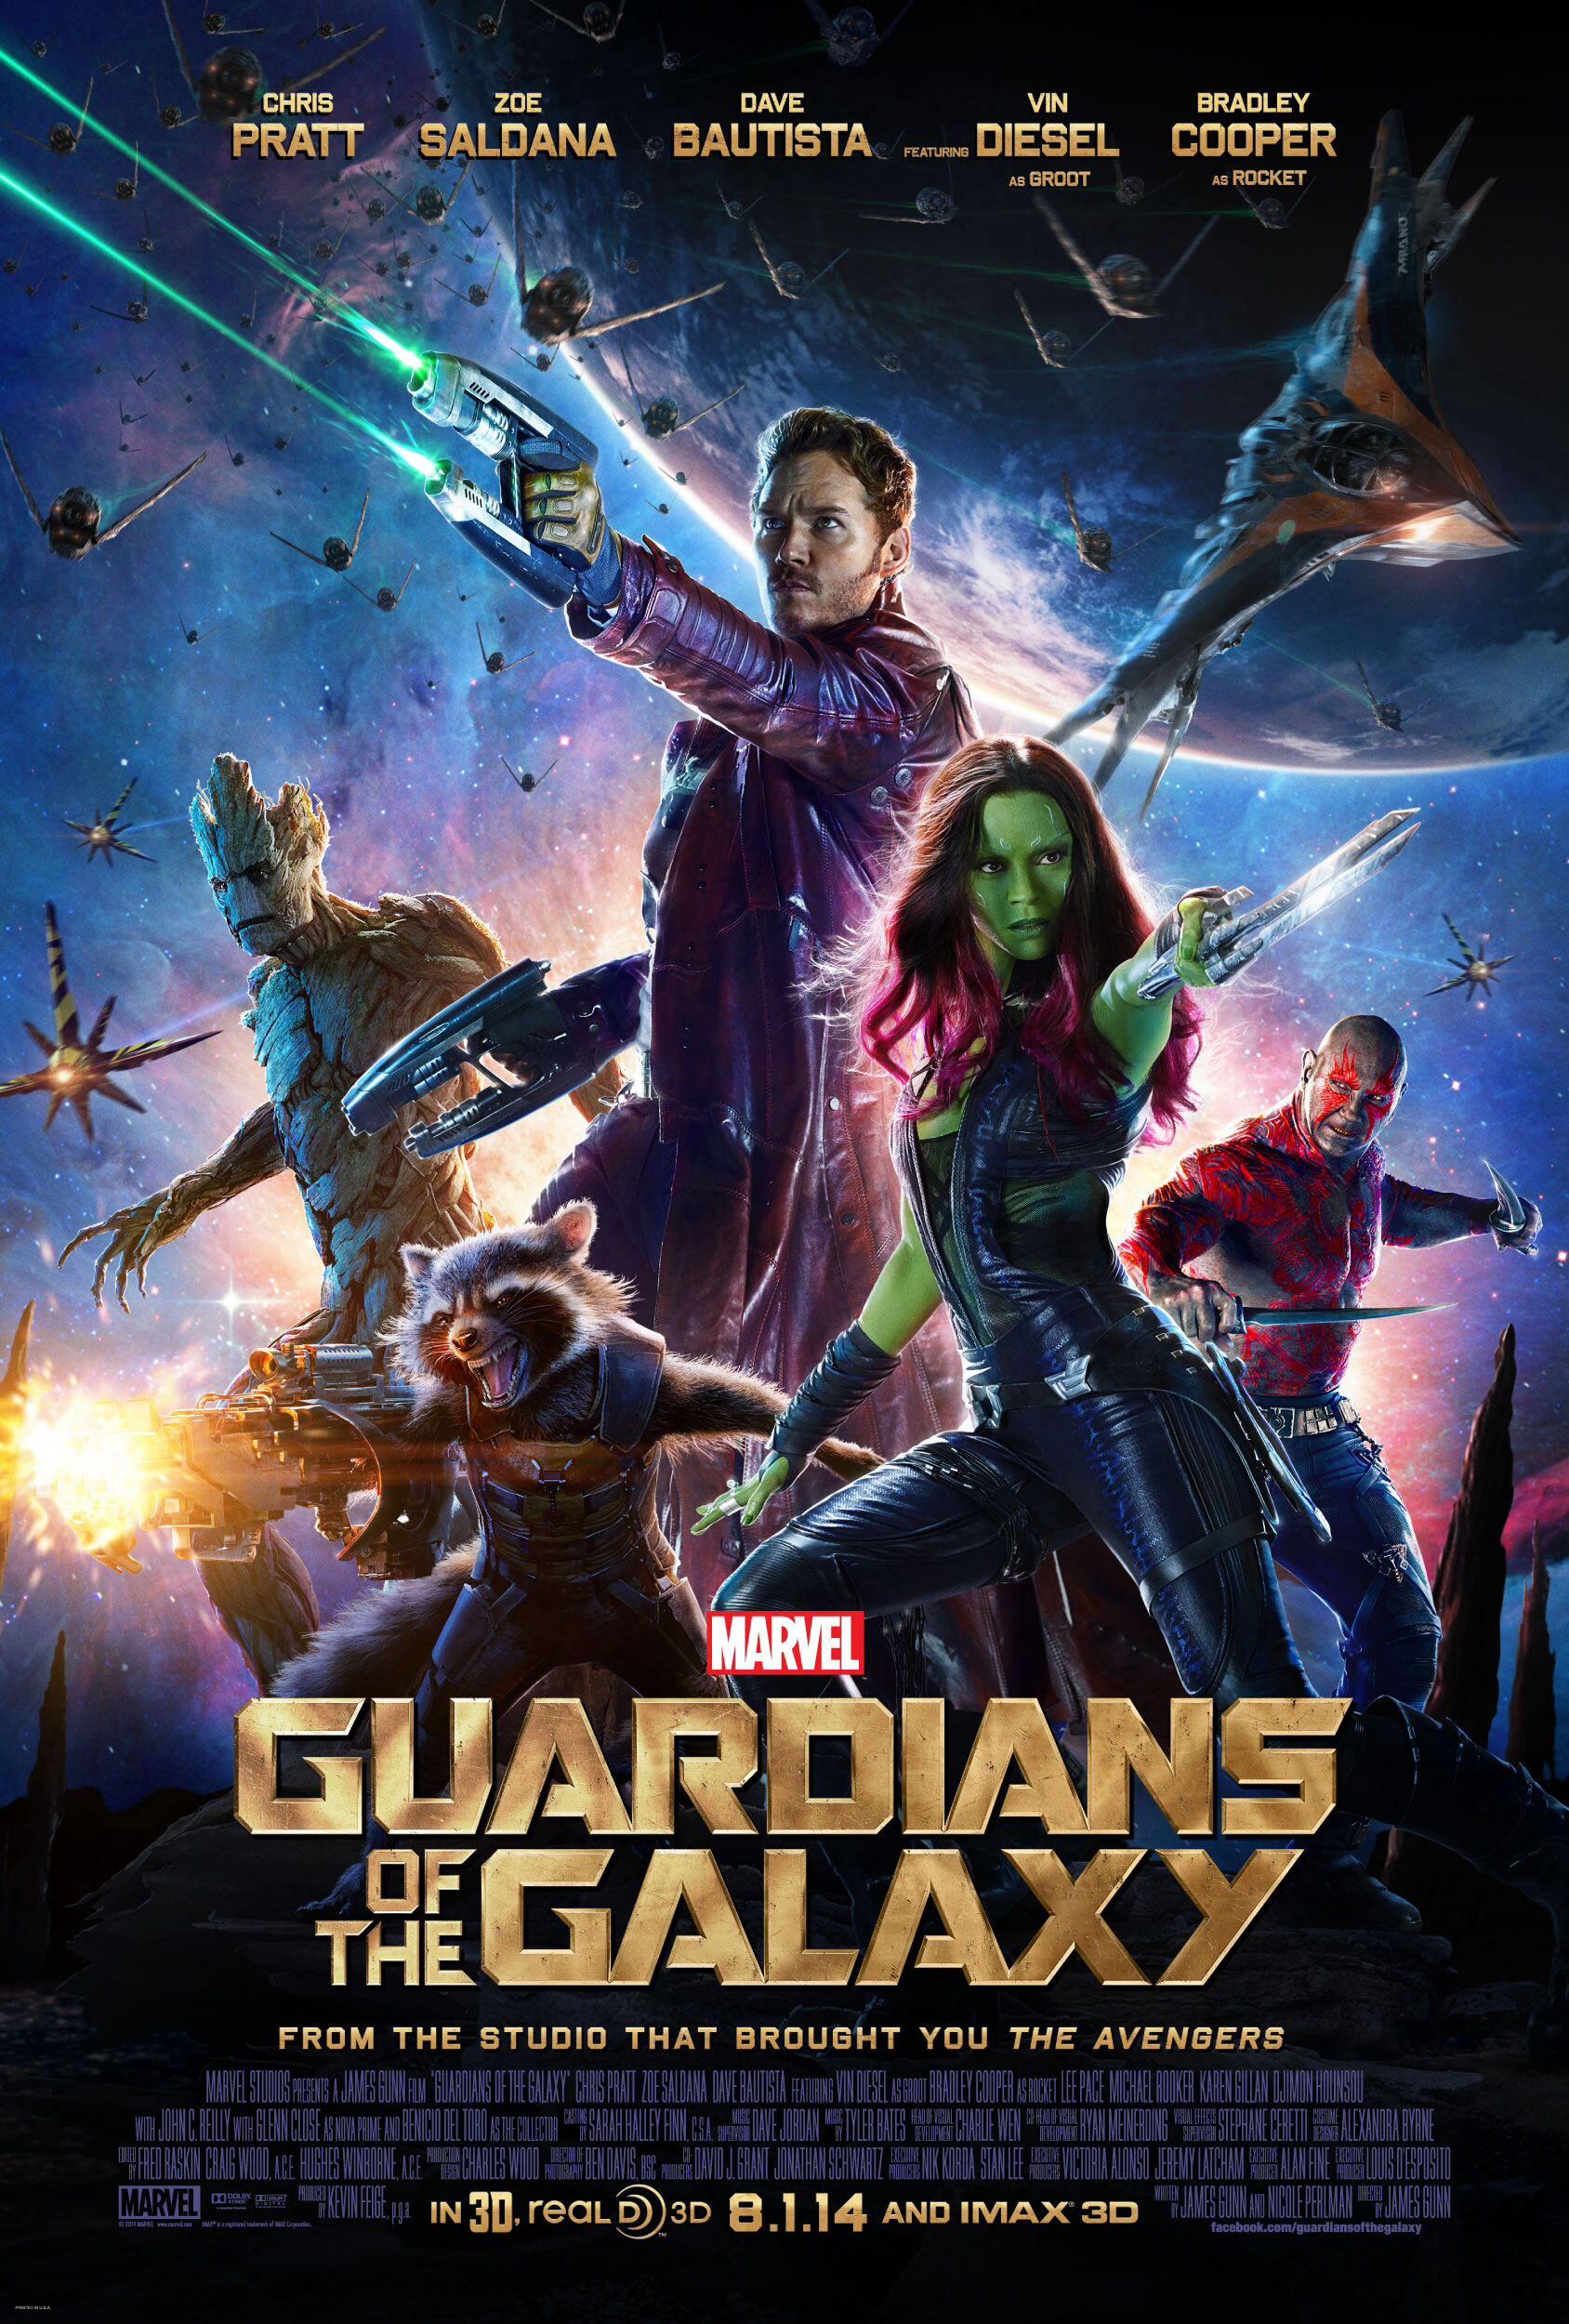 Cartaz do filme Guardiões da Galáxia! 10/10.